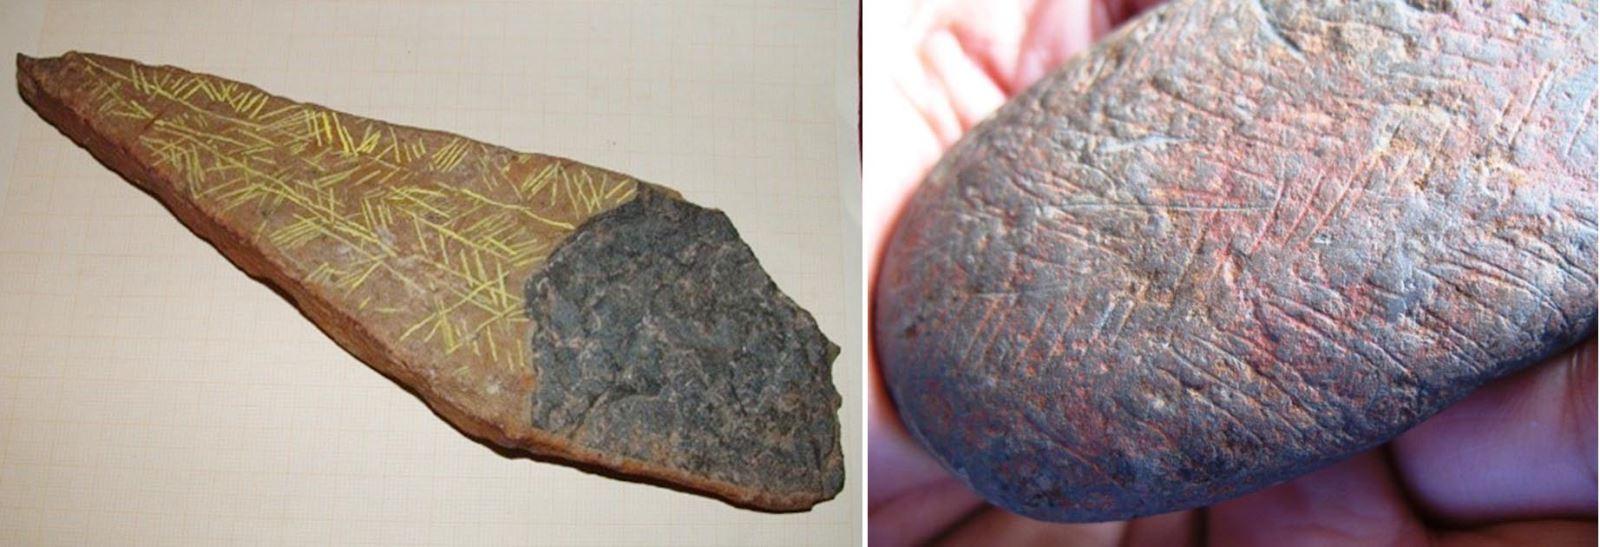 Những mô típ mang biểu trưng nghệ thuật đầu tiên từ các viên đá khoáng